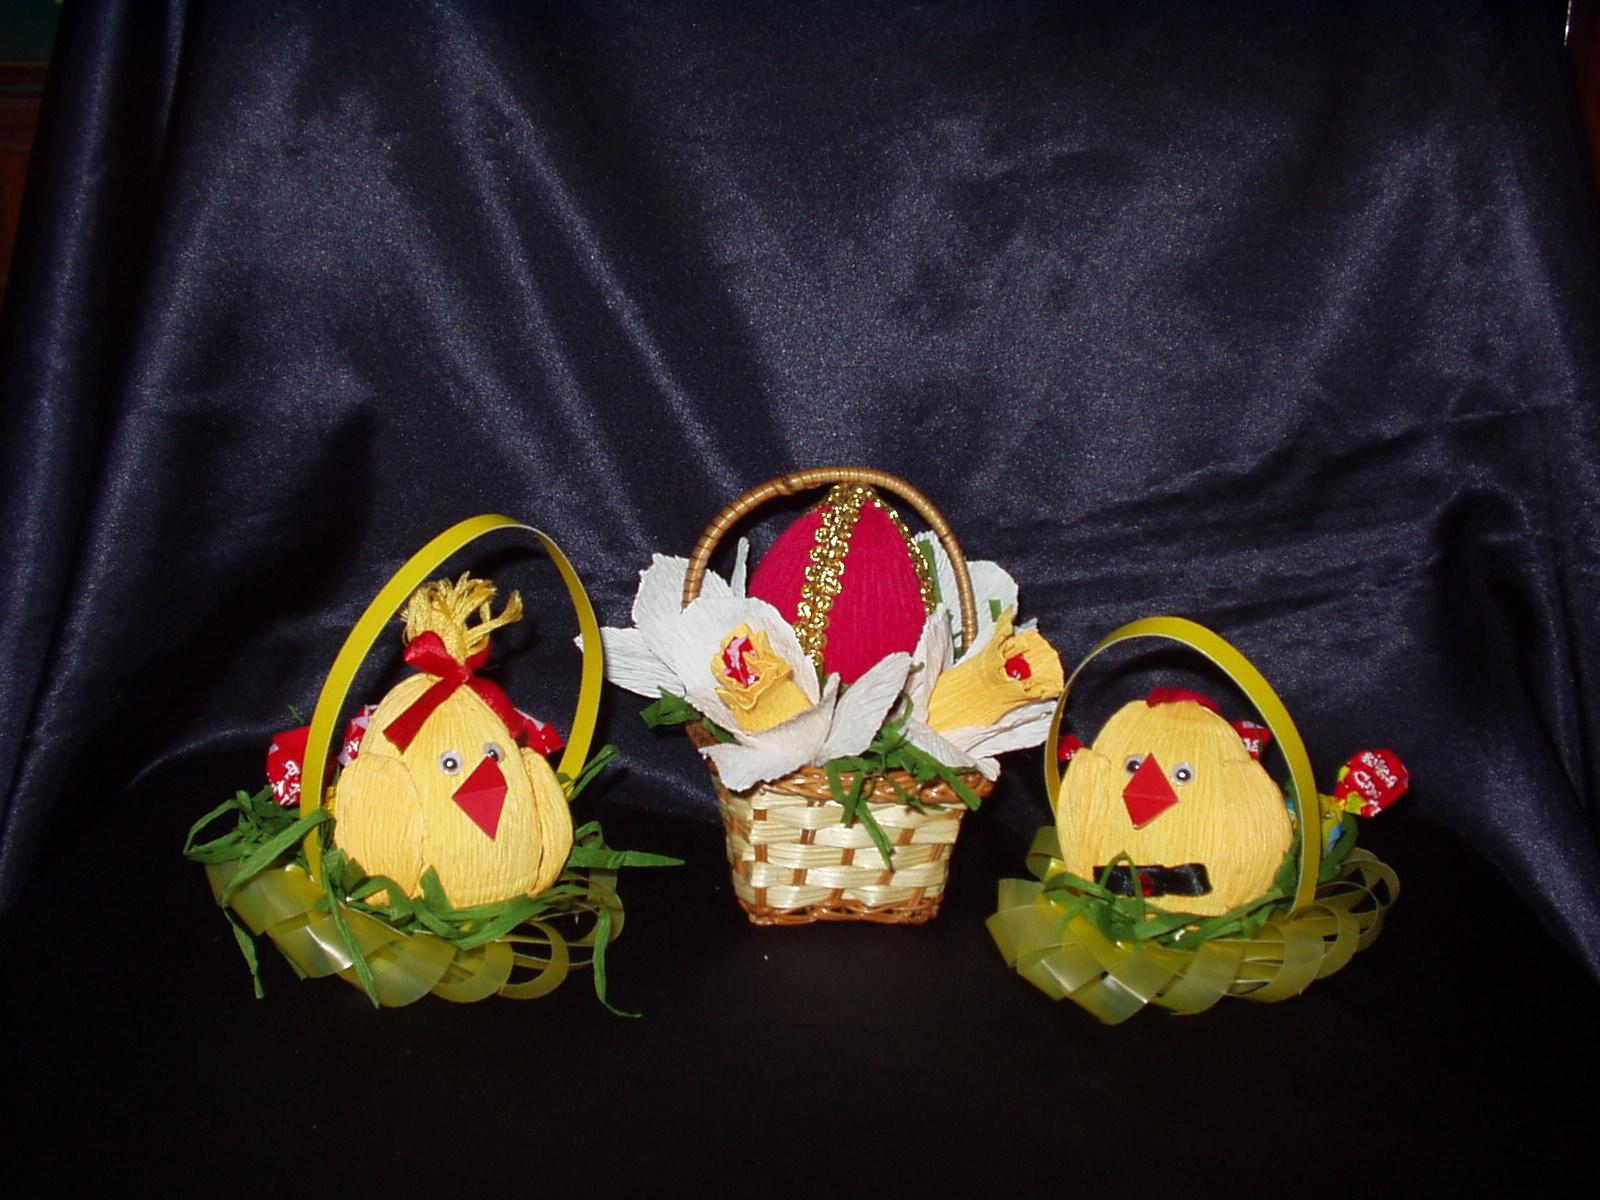 Яйцо фаберже из конфет мастер класс инструкция #5